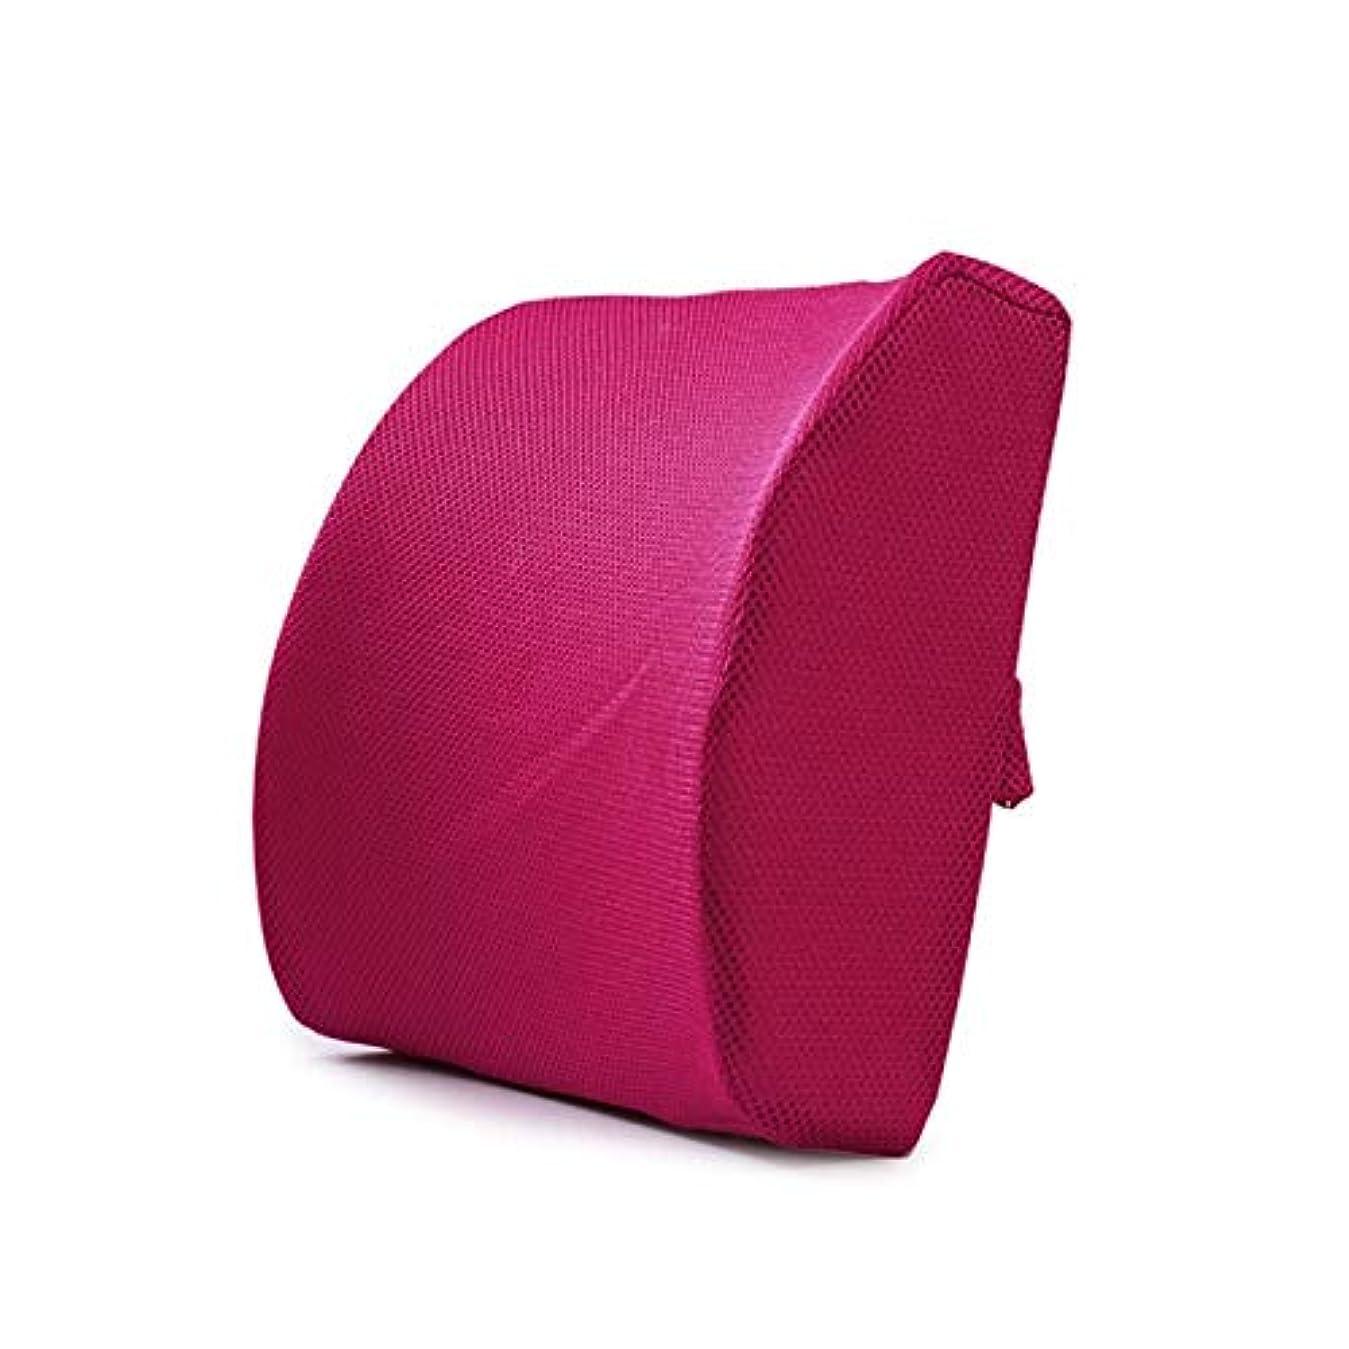 肖像画アサー不適LIFE ホームオフィス背もたれ椅子腰椎クッションカーシートネック枕 3D 低反発サポートバックマッサージウエストレスリビング枕 クッション 椅子